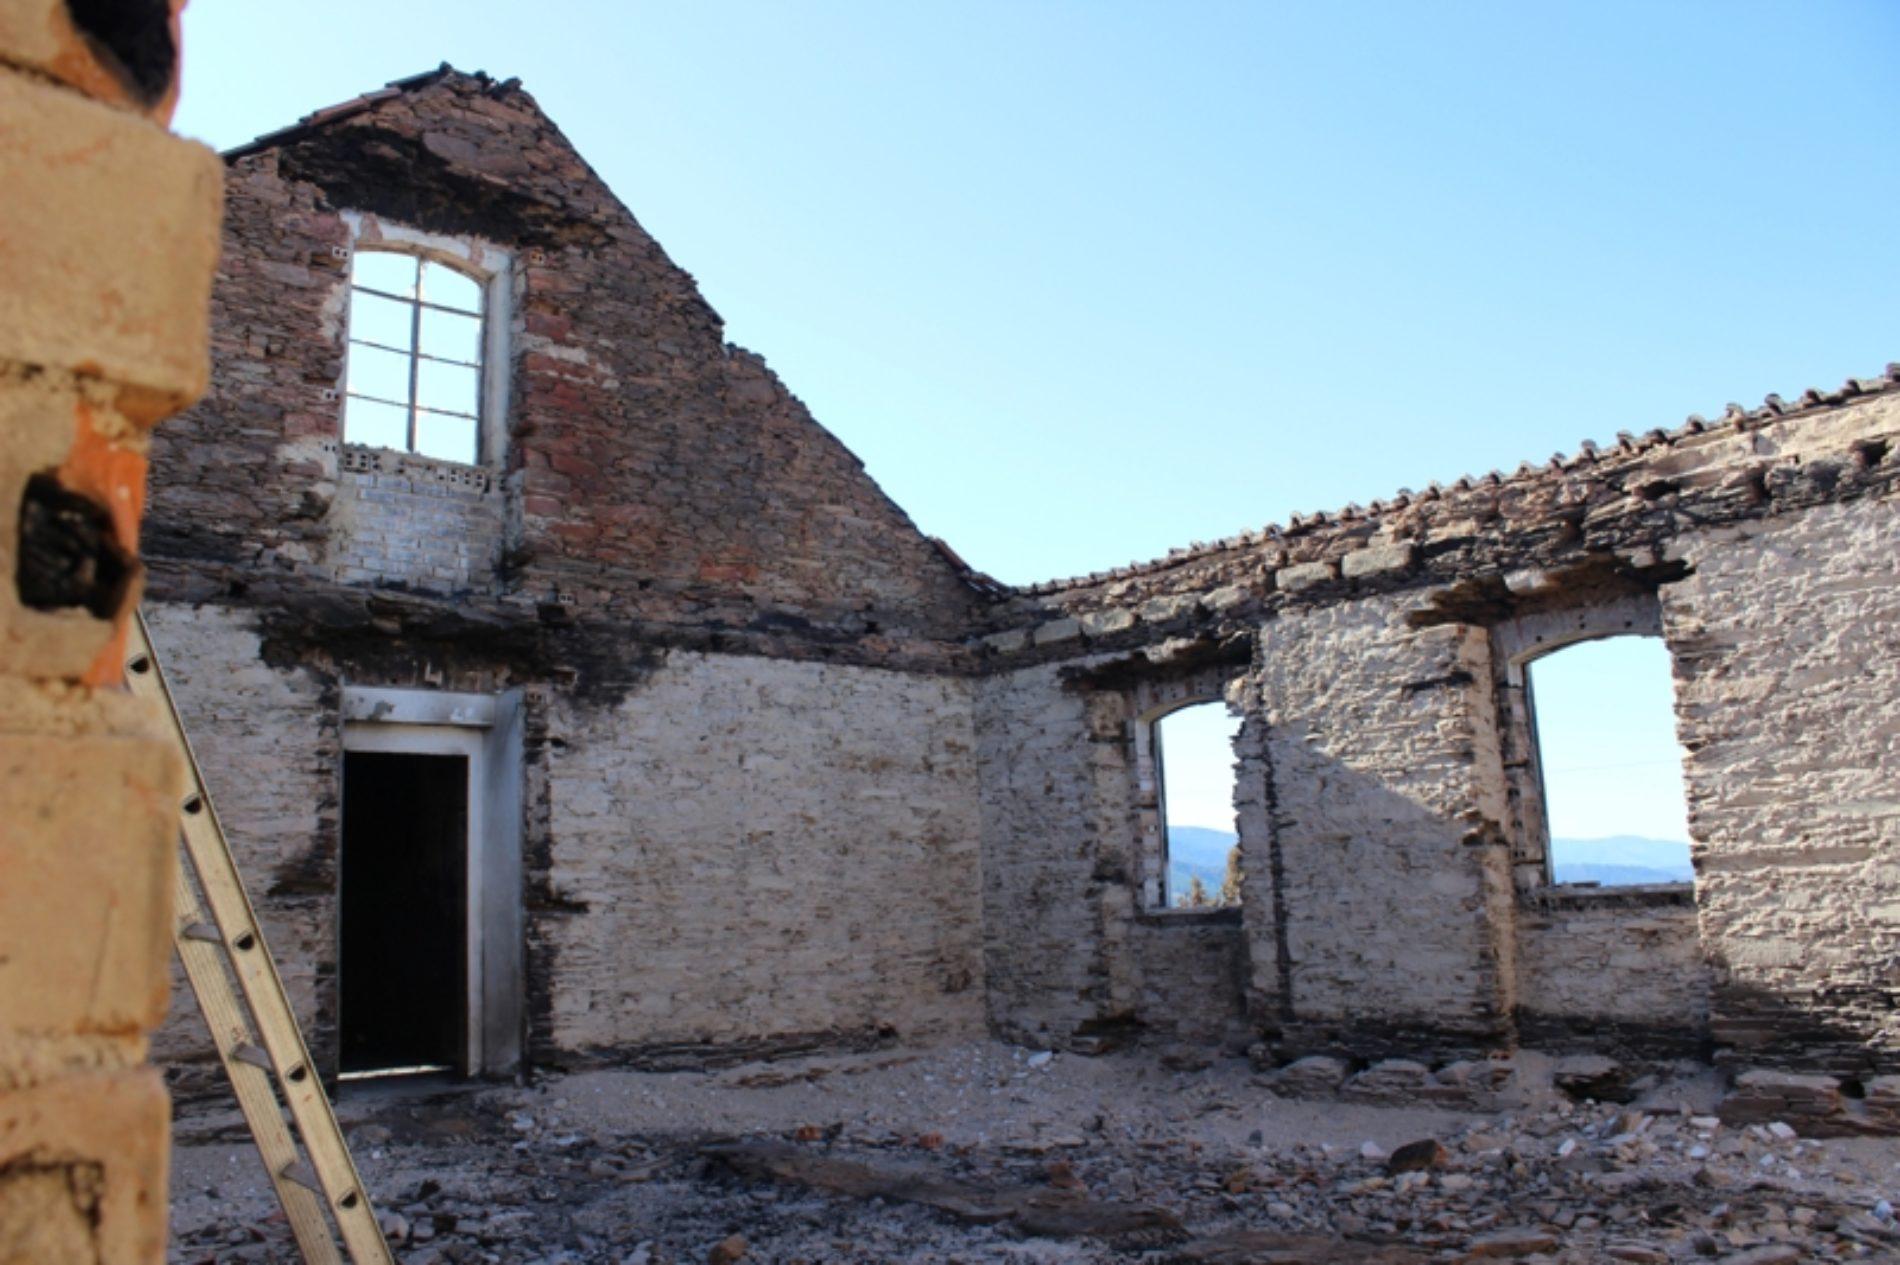 Tribunal de Contas valida reconstrução de 31 casas em Arganil no valor de 4,2 milhões